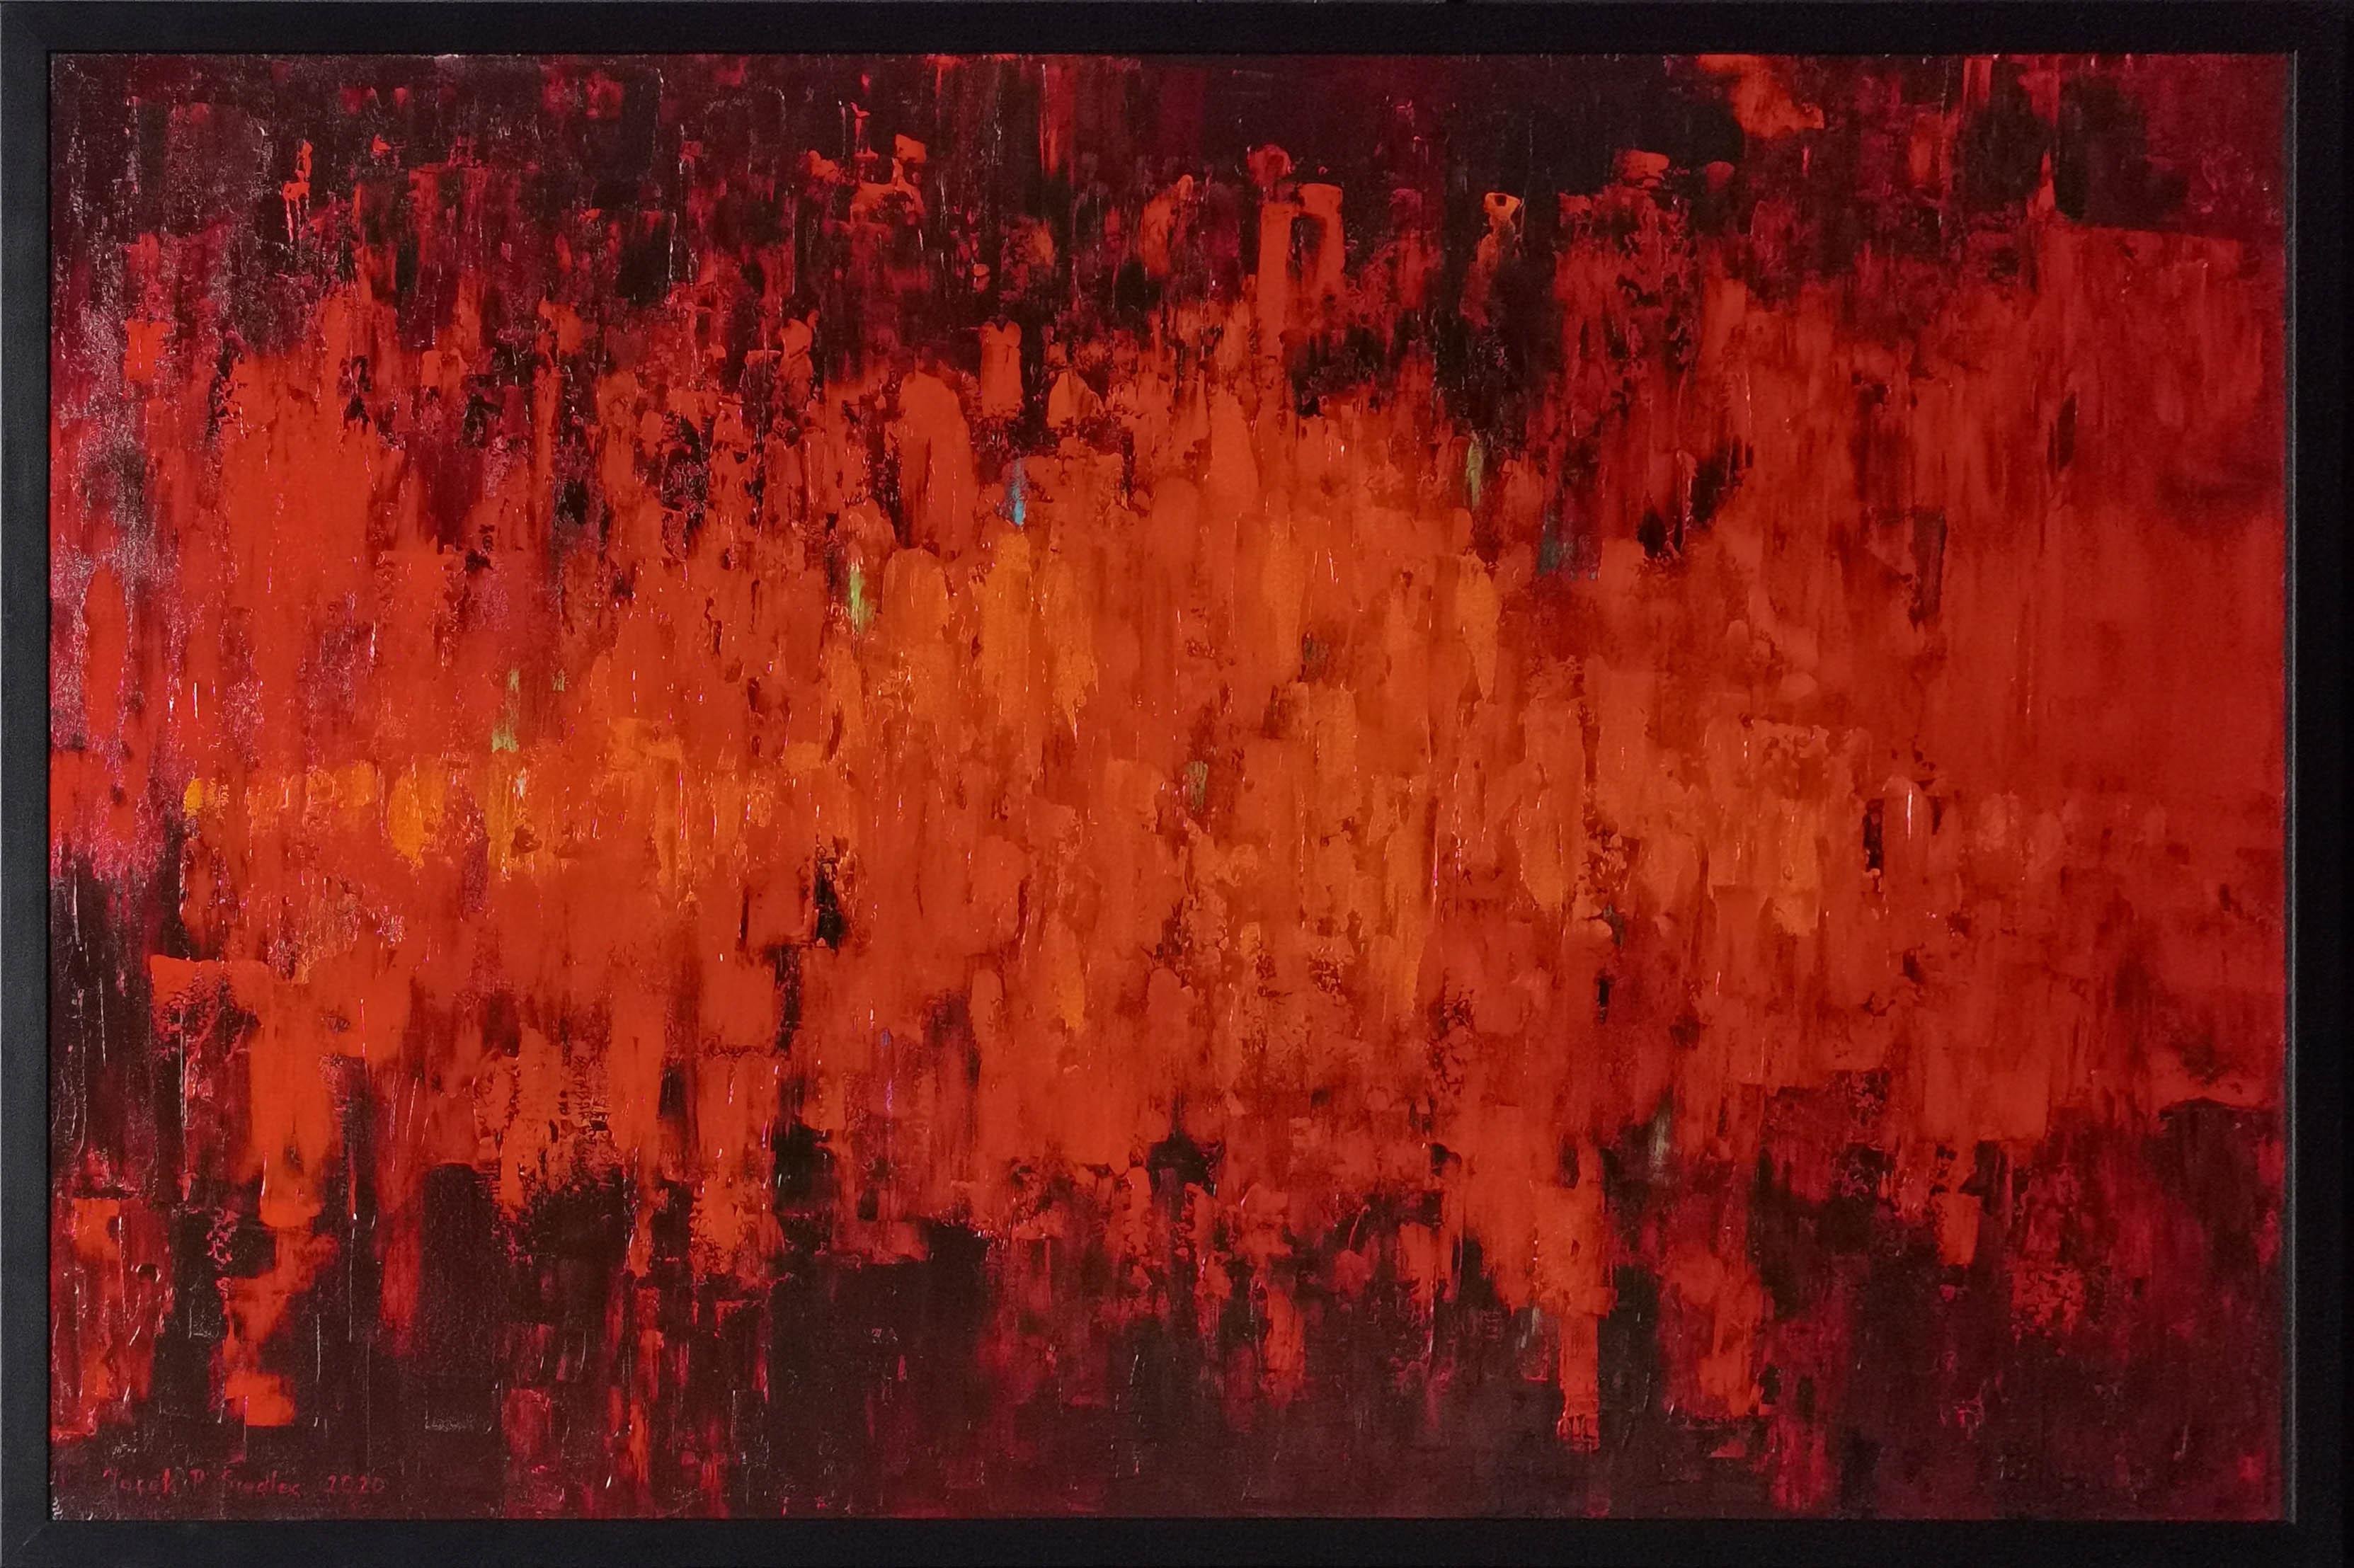 Red Rain,2020